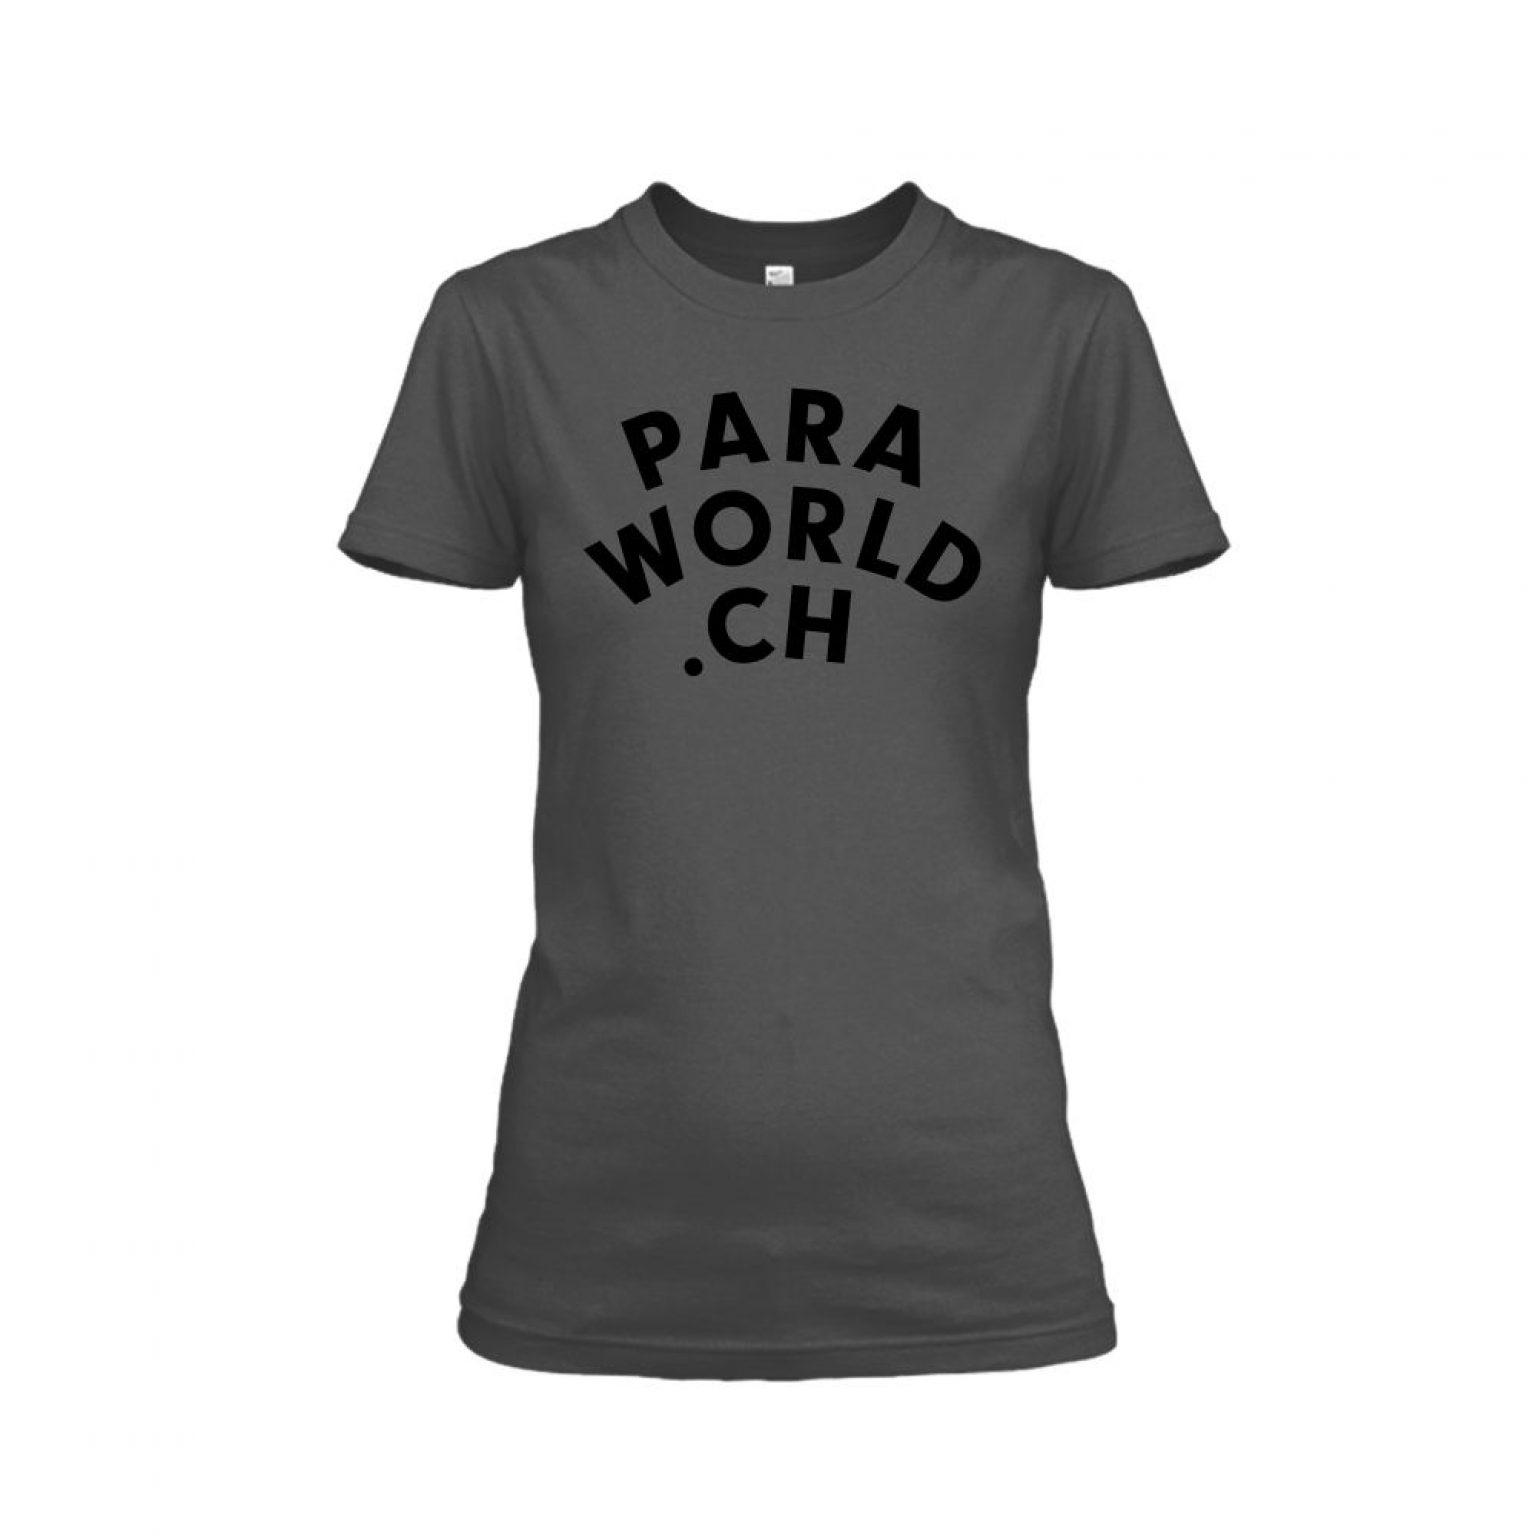 PW ClassicBlack shirt damen charcoal